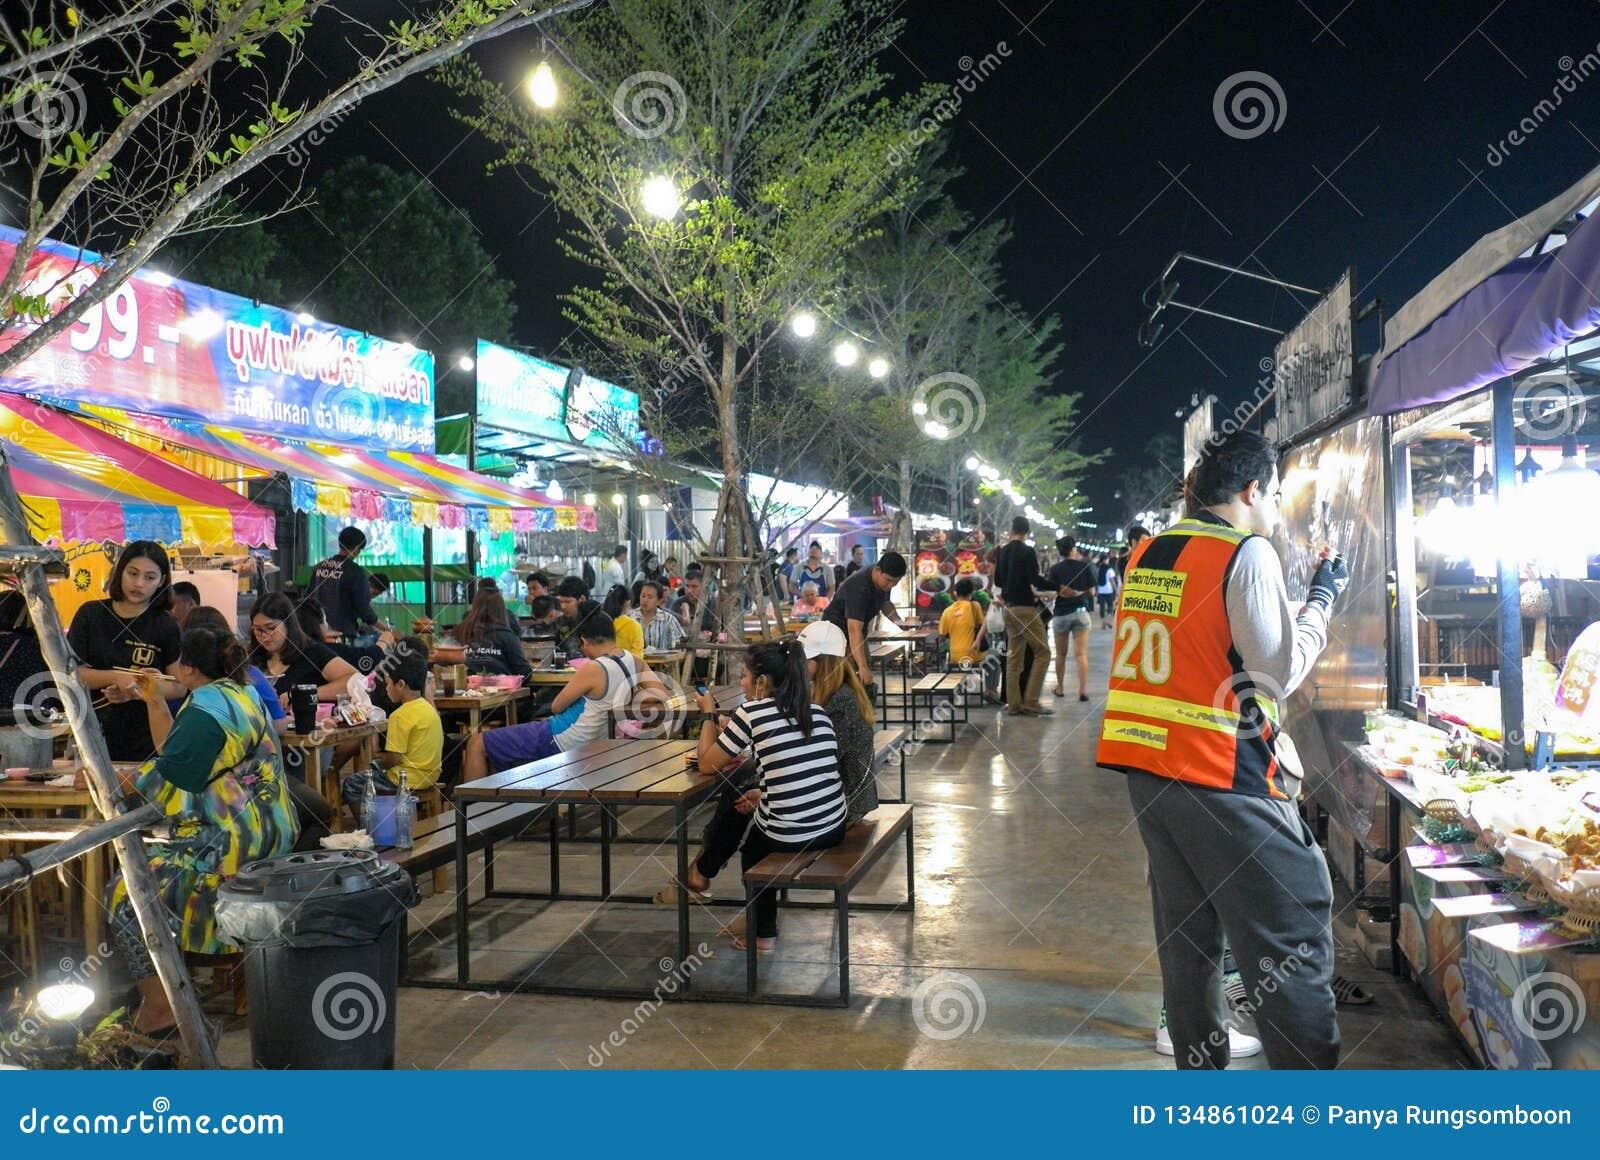 走的街道是要在晚上吃的人的旅游目的地